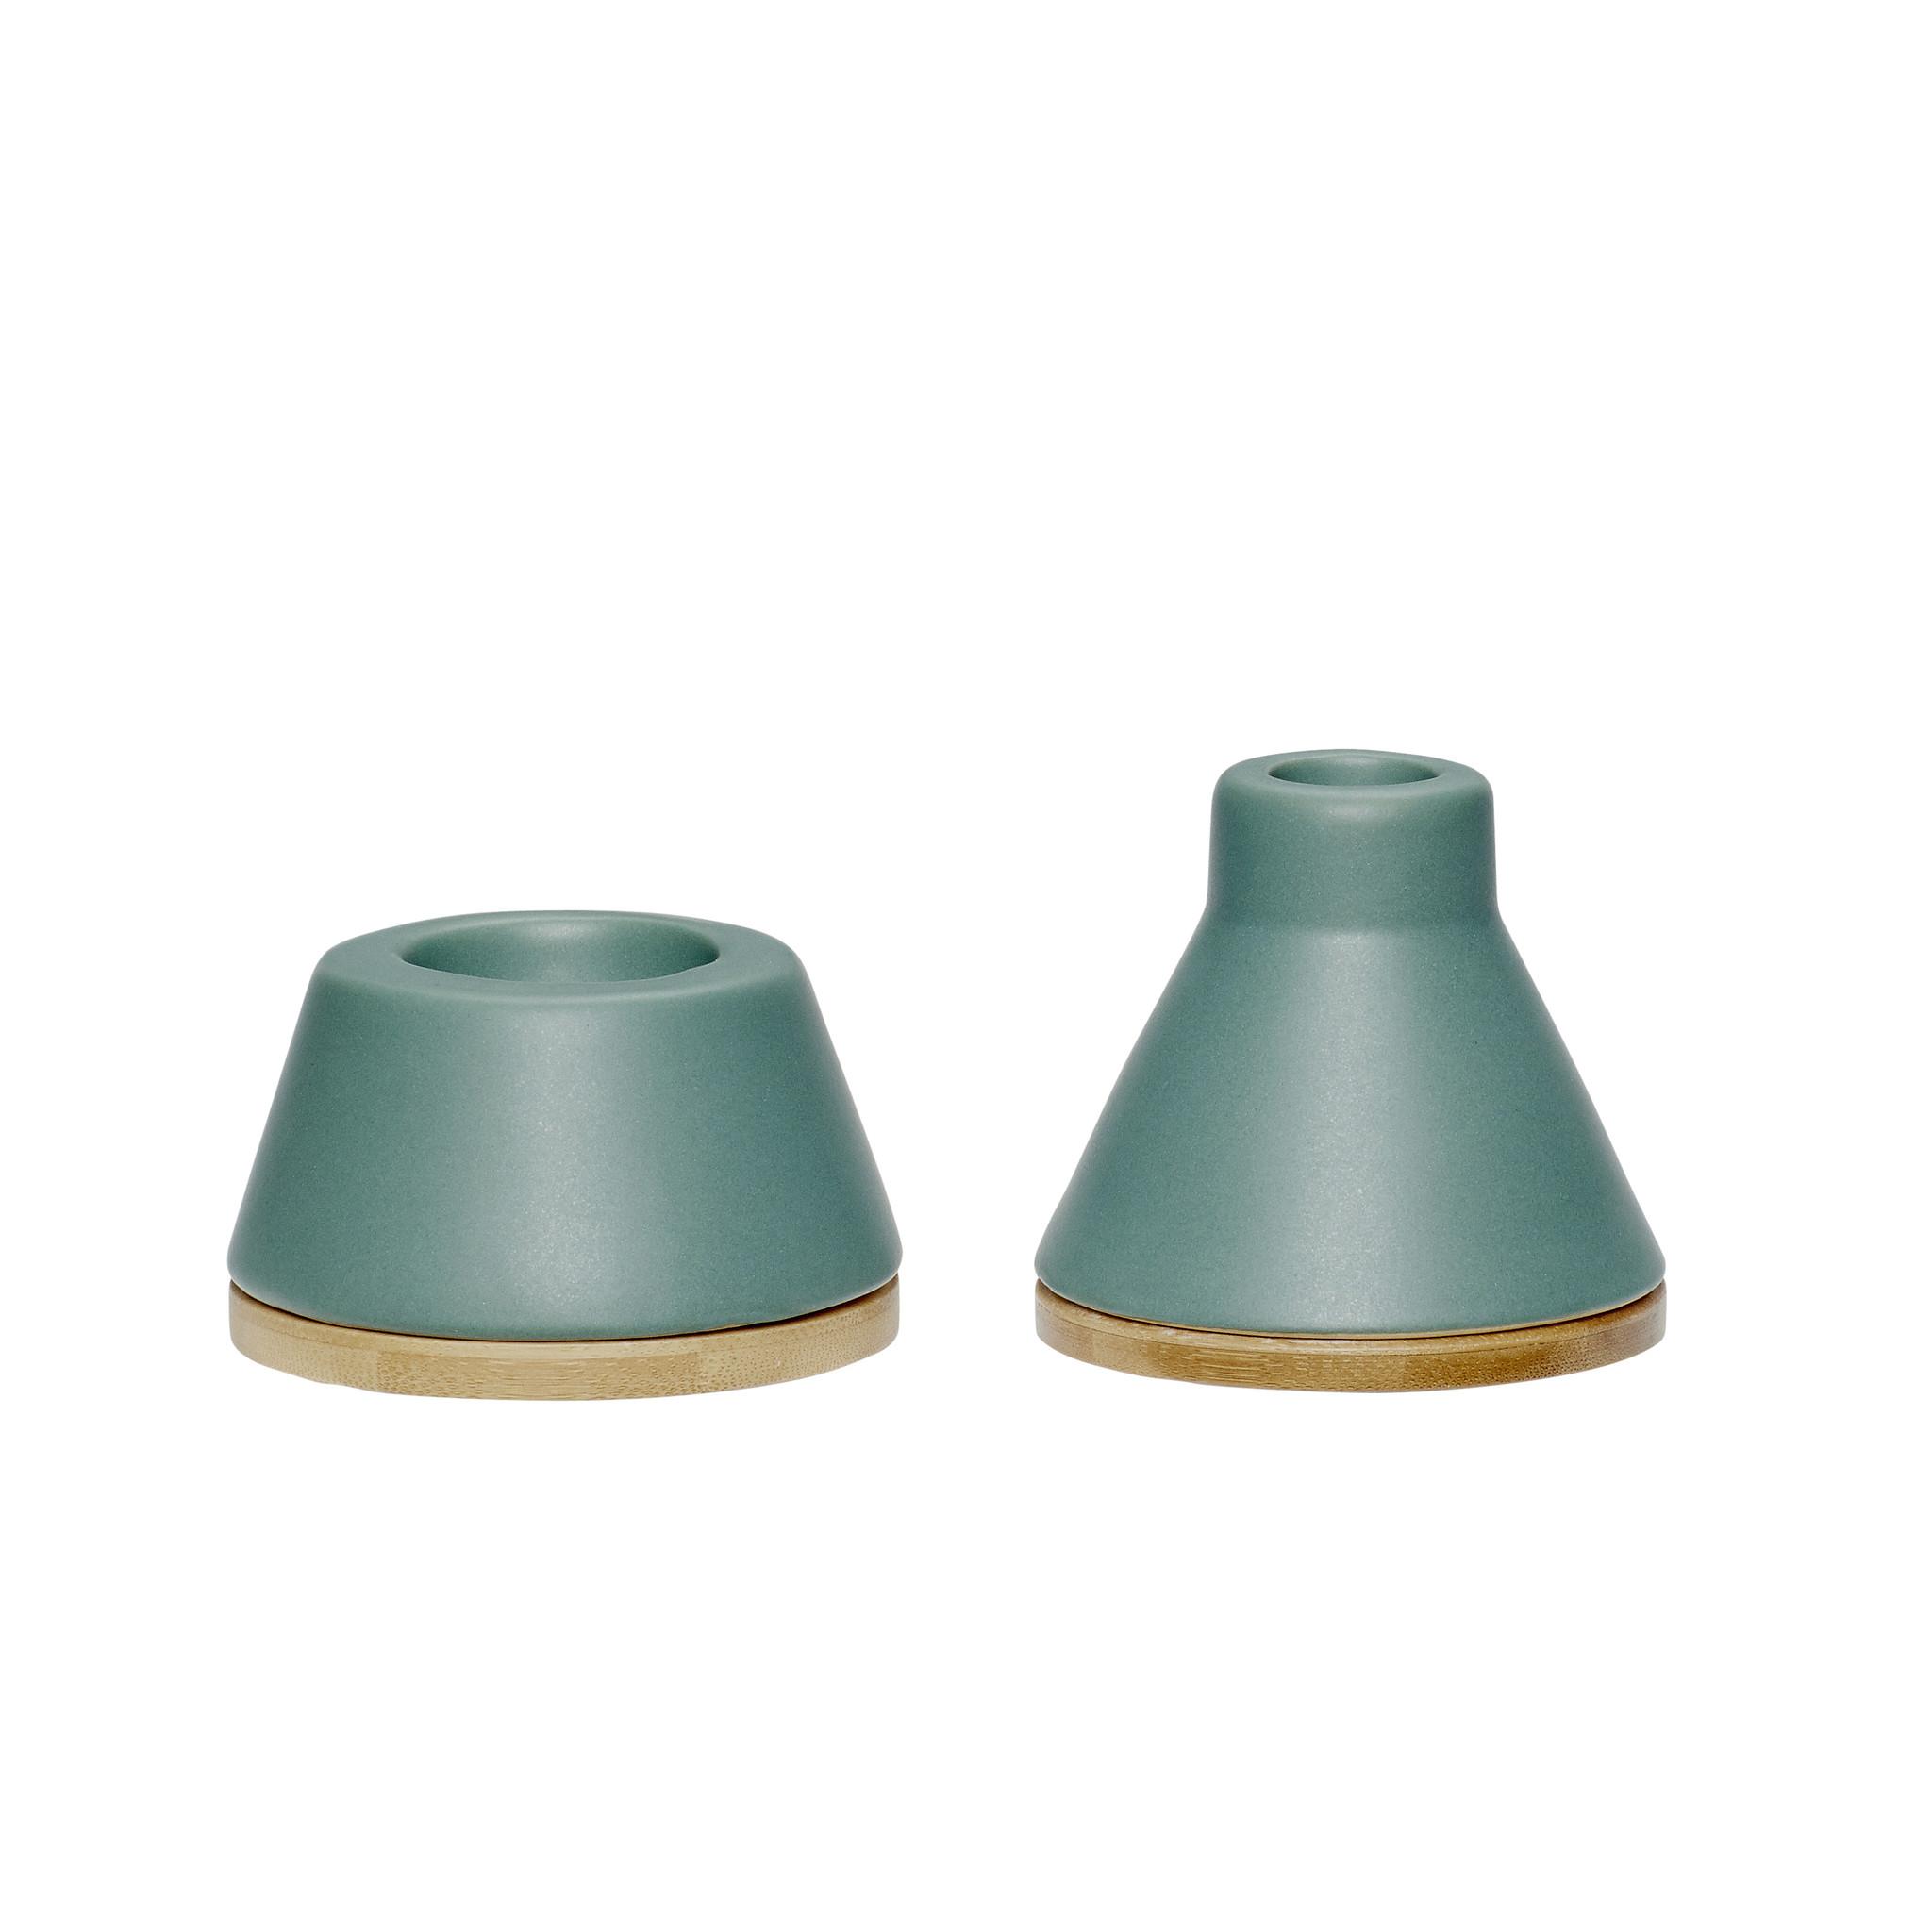 Hubsch Waxinelichthouder / Kandelaar, keramiek / hout, groen / natuur, set van 2-860220-5712772051016